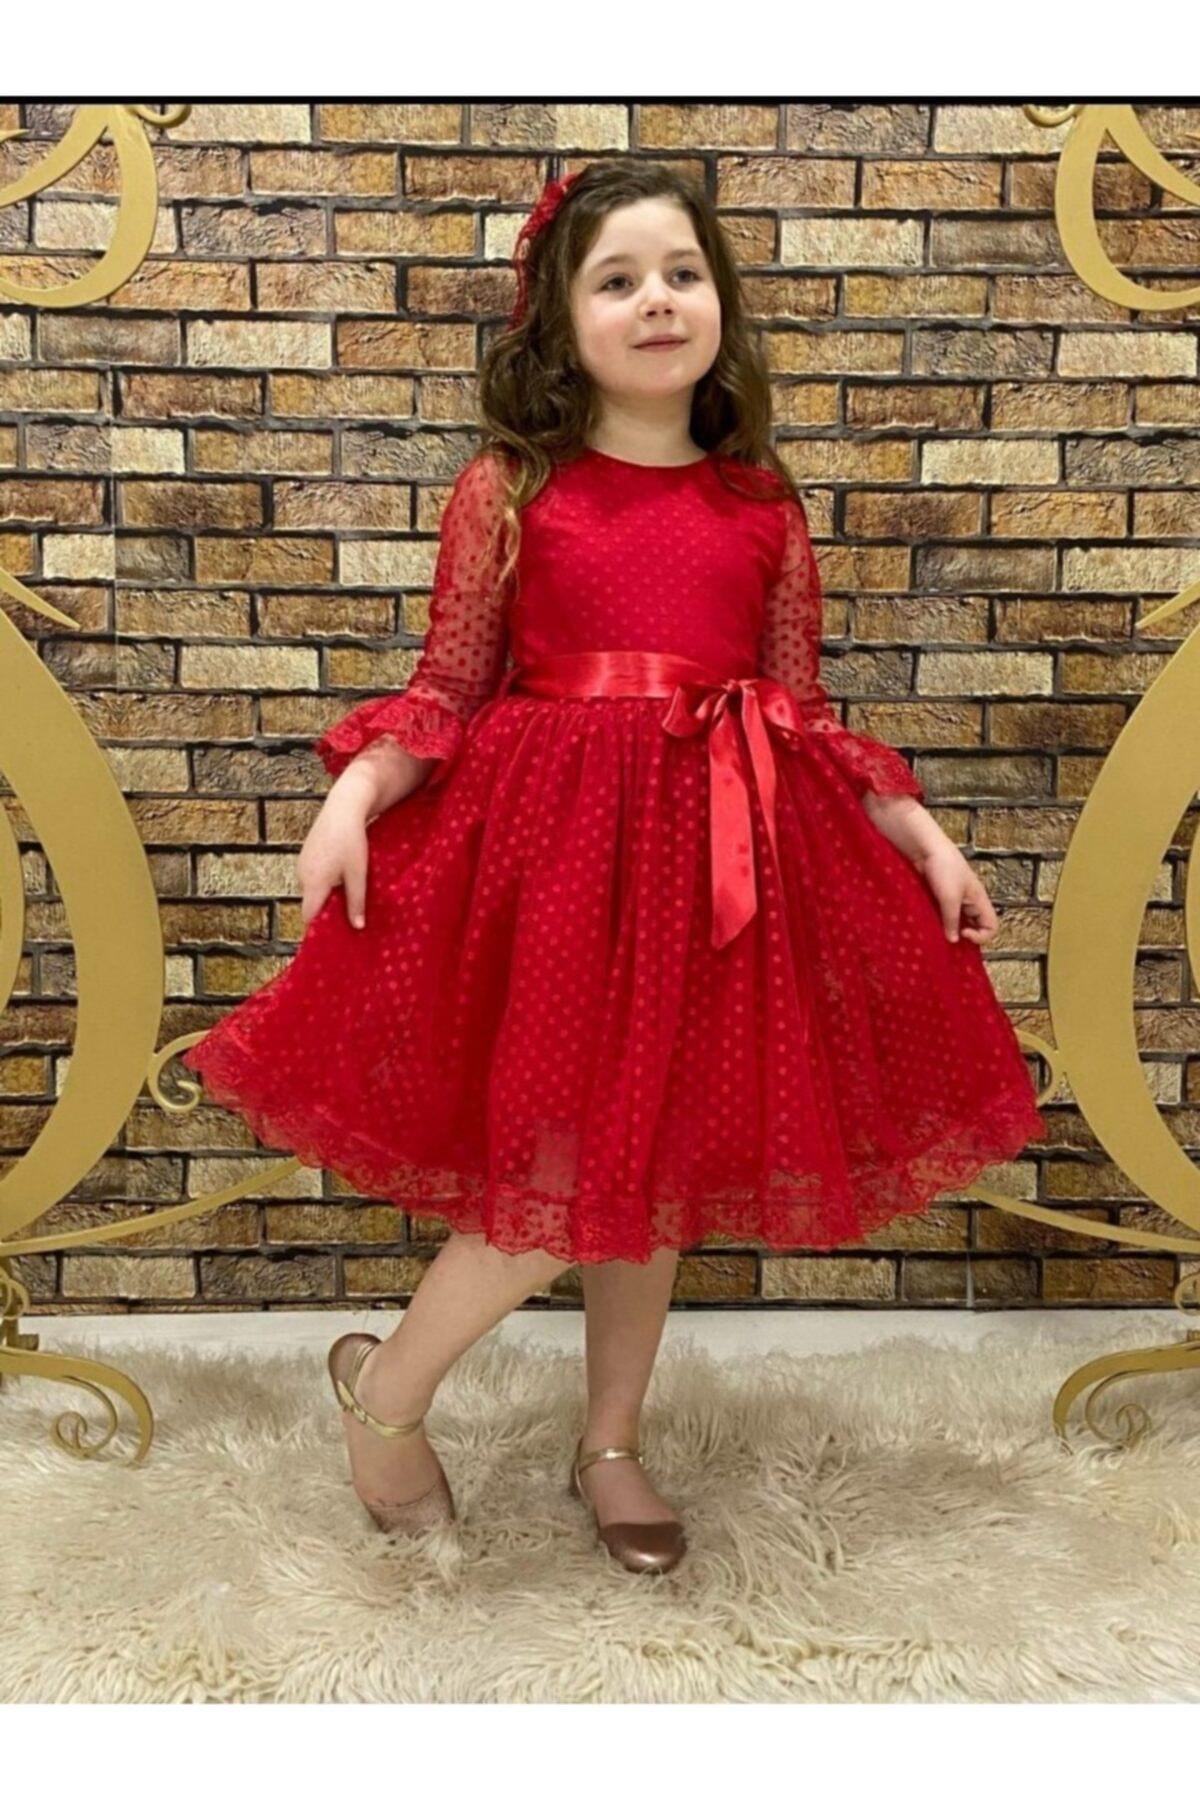 فروشگاه لباس مجلسی دخترانه اینترنتی برند Pumpido رنگ قرمز ty98270695